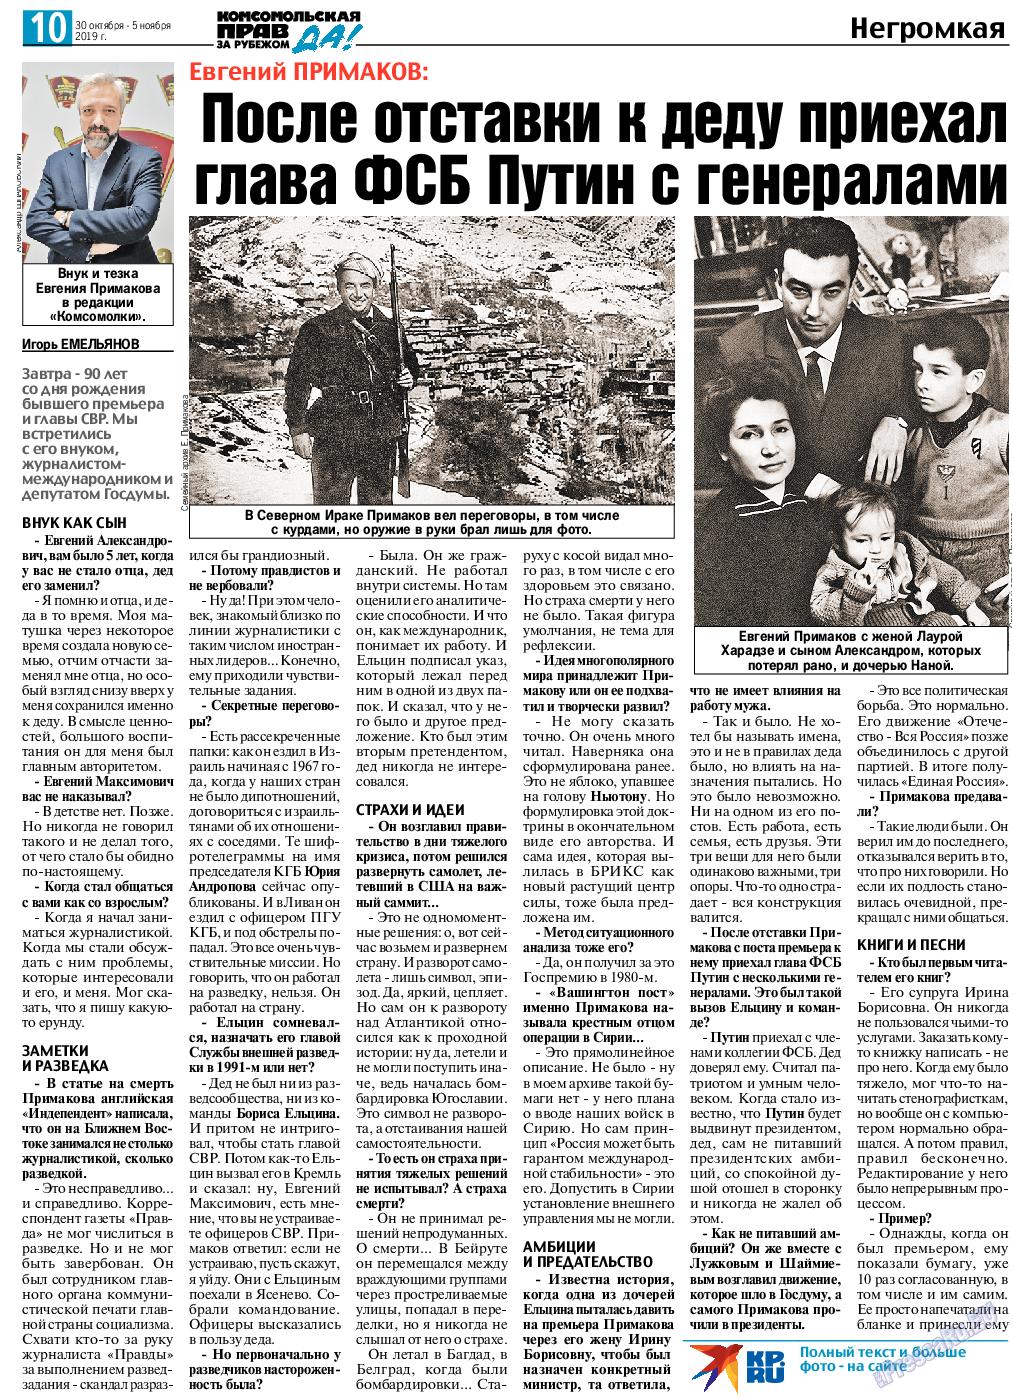 КП в Европе (газета). 2019 год, номер 44, стр. 10